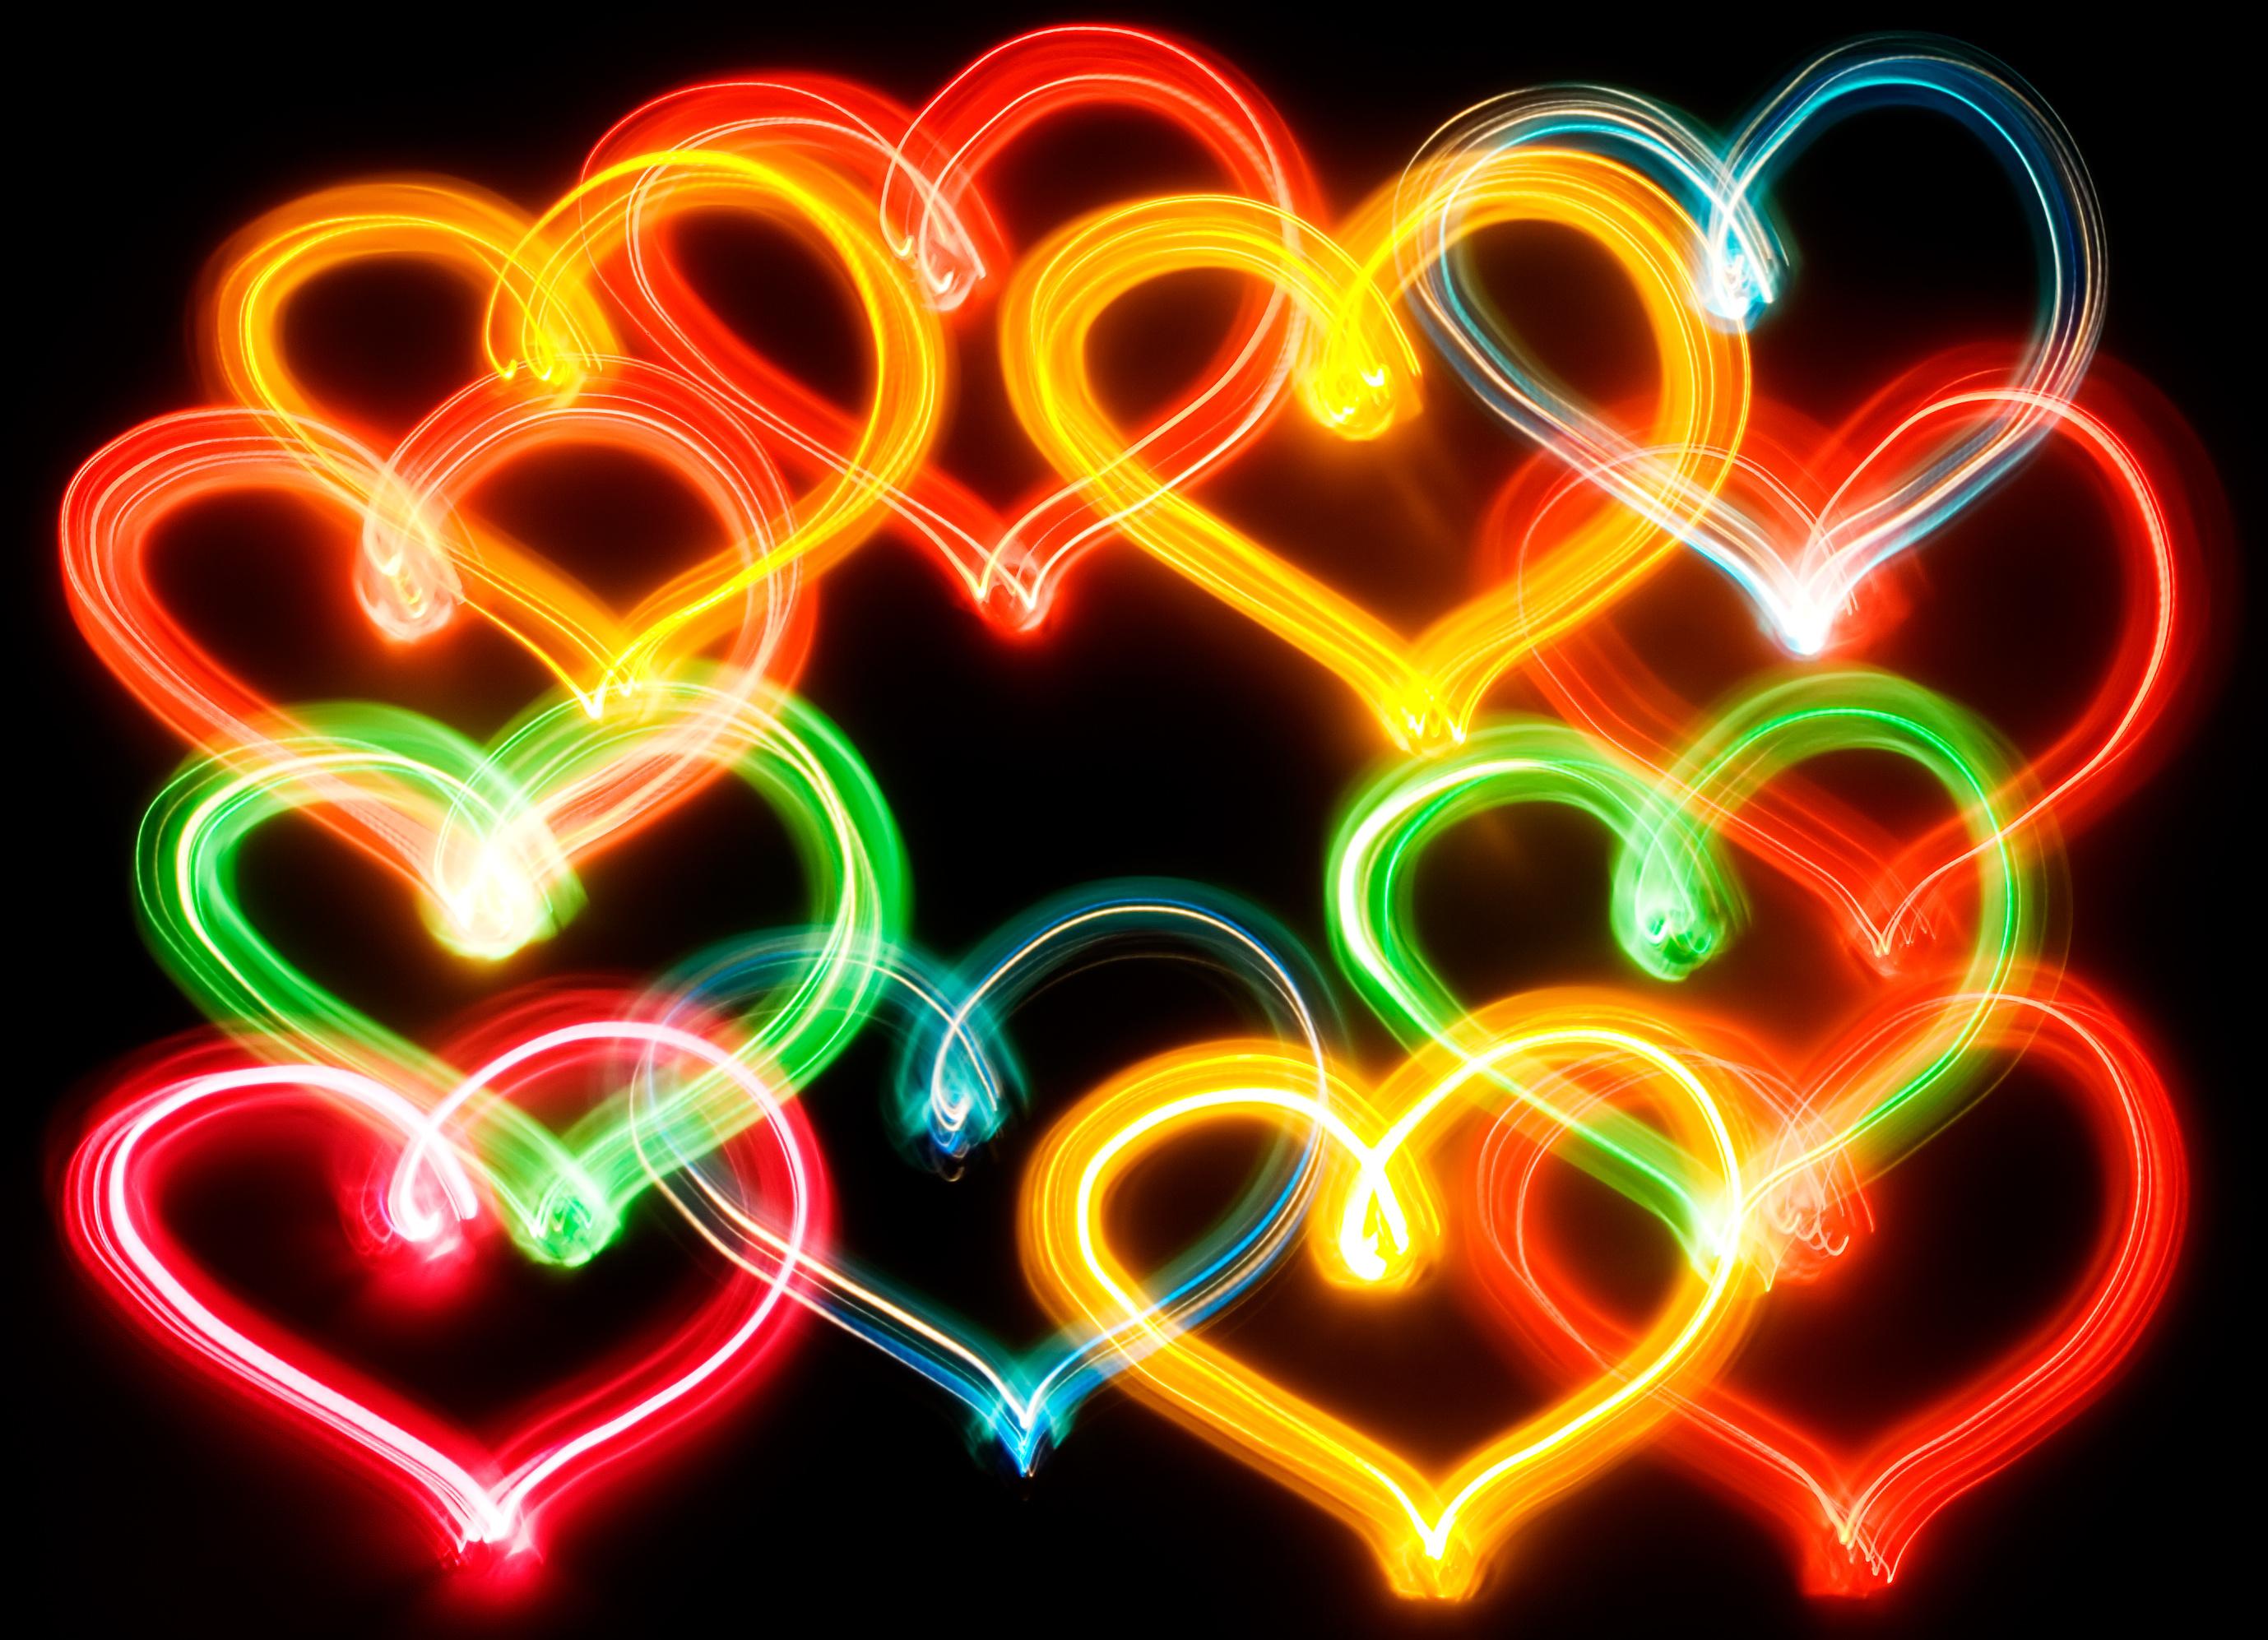 Neon Heart Abstract Fondo de pantalla HD | Fondo de Escritorio | 2757x1994 | ID:694291 ...